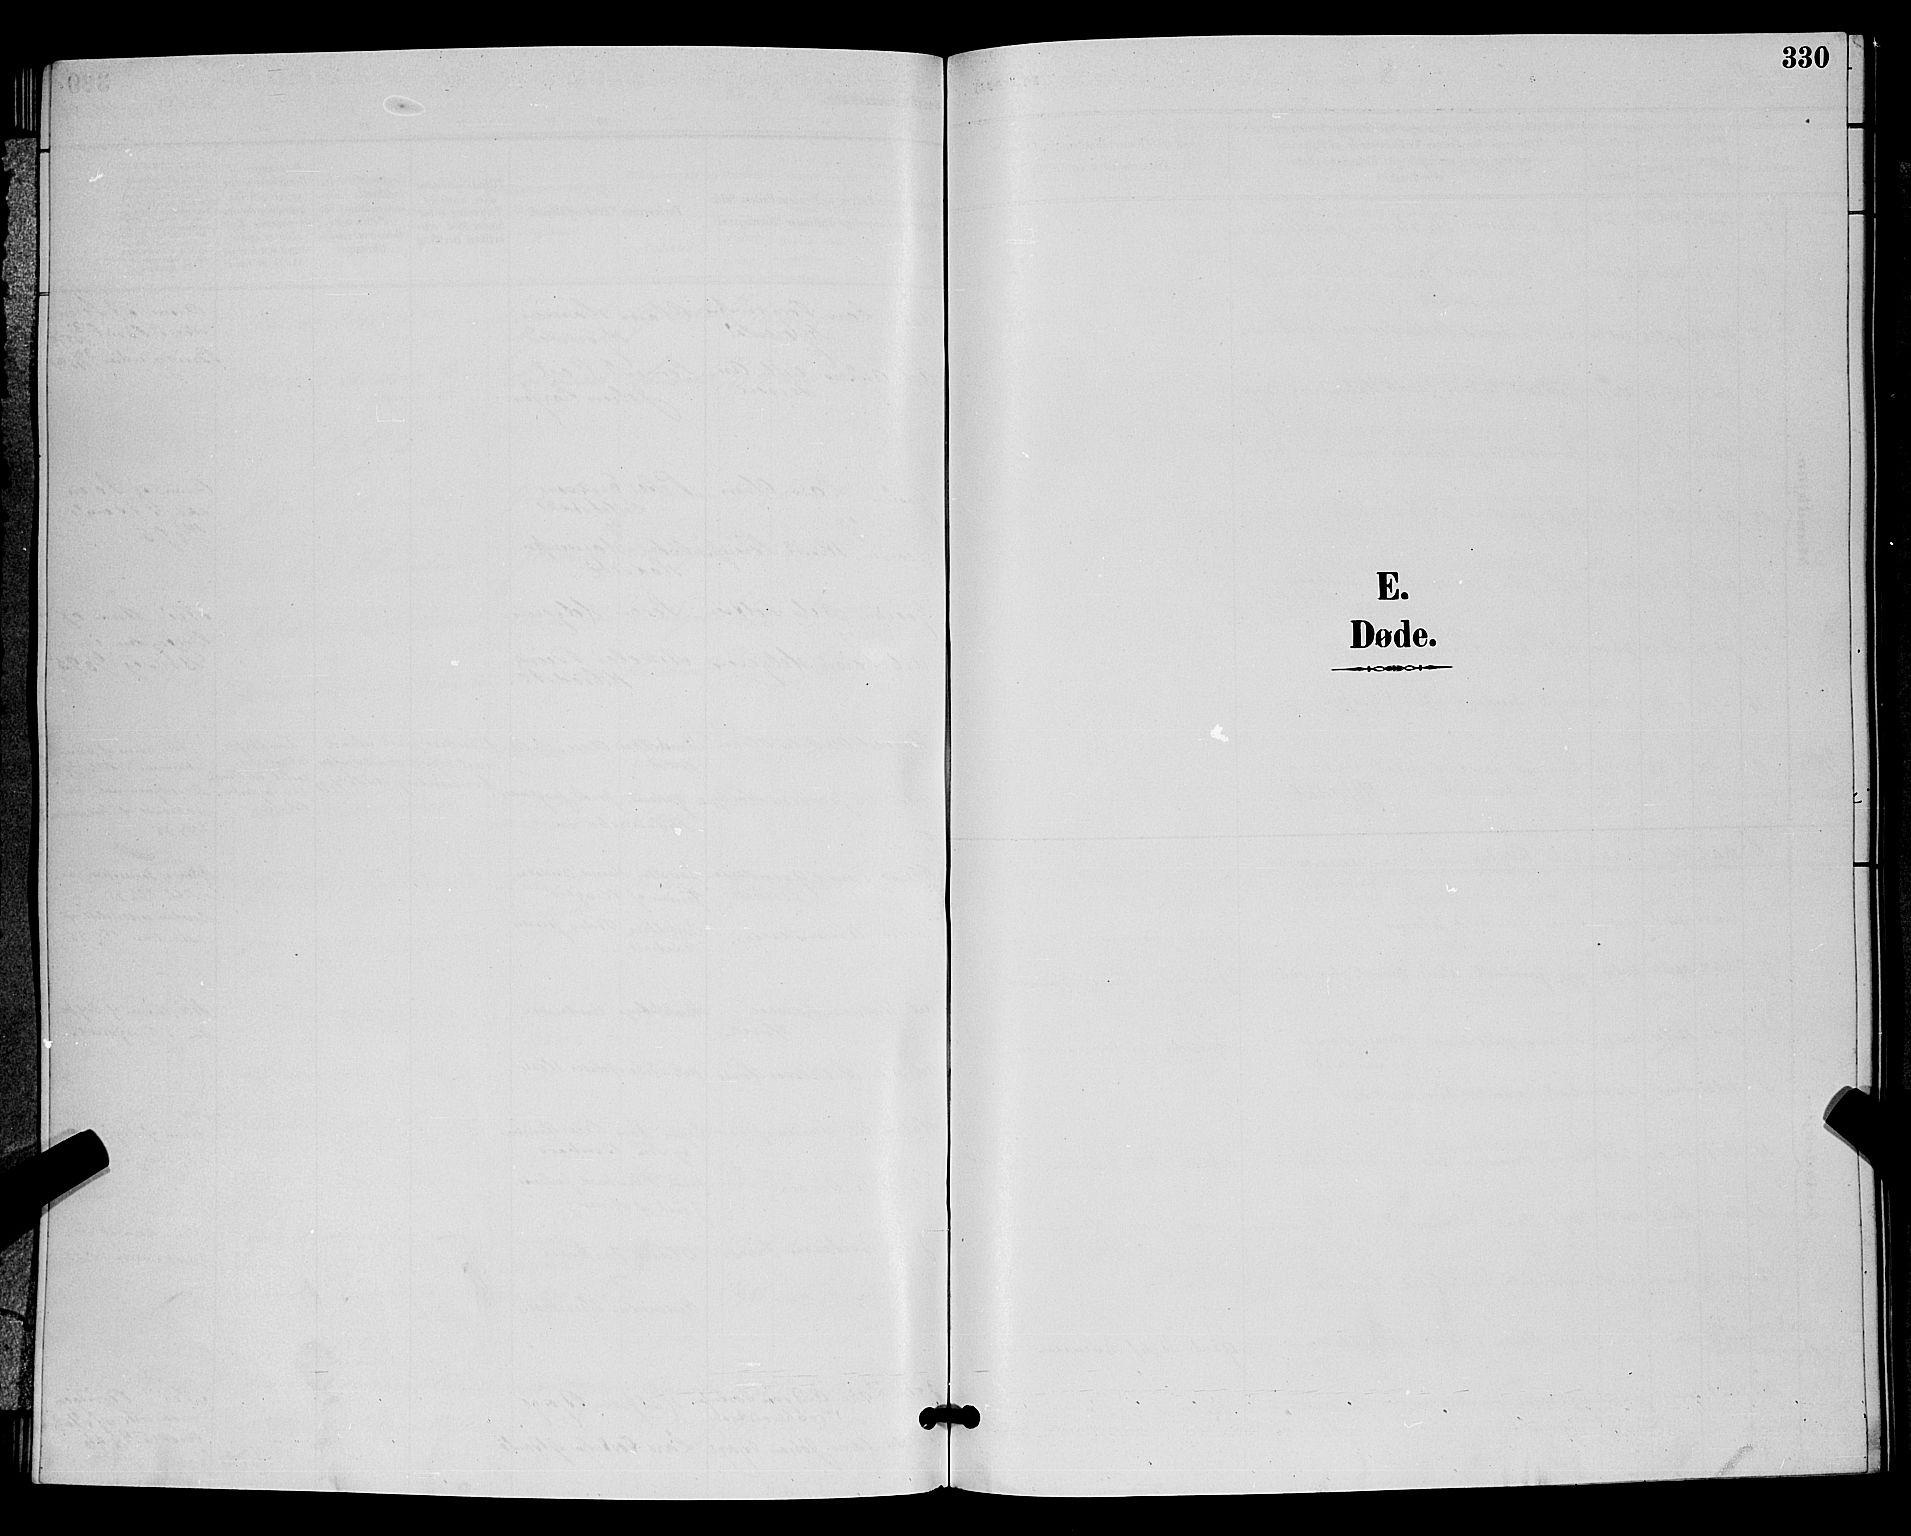 SAKO, Bamble kirkebøker, G/Ga/L0009: Klokkerbok nr. I 9, 1888-1900, s. 330